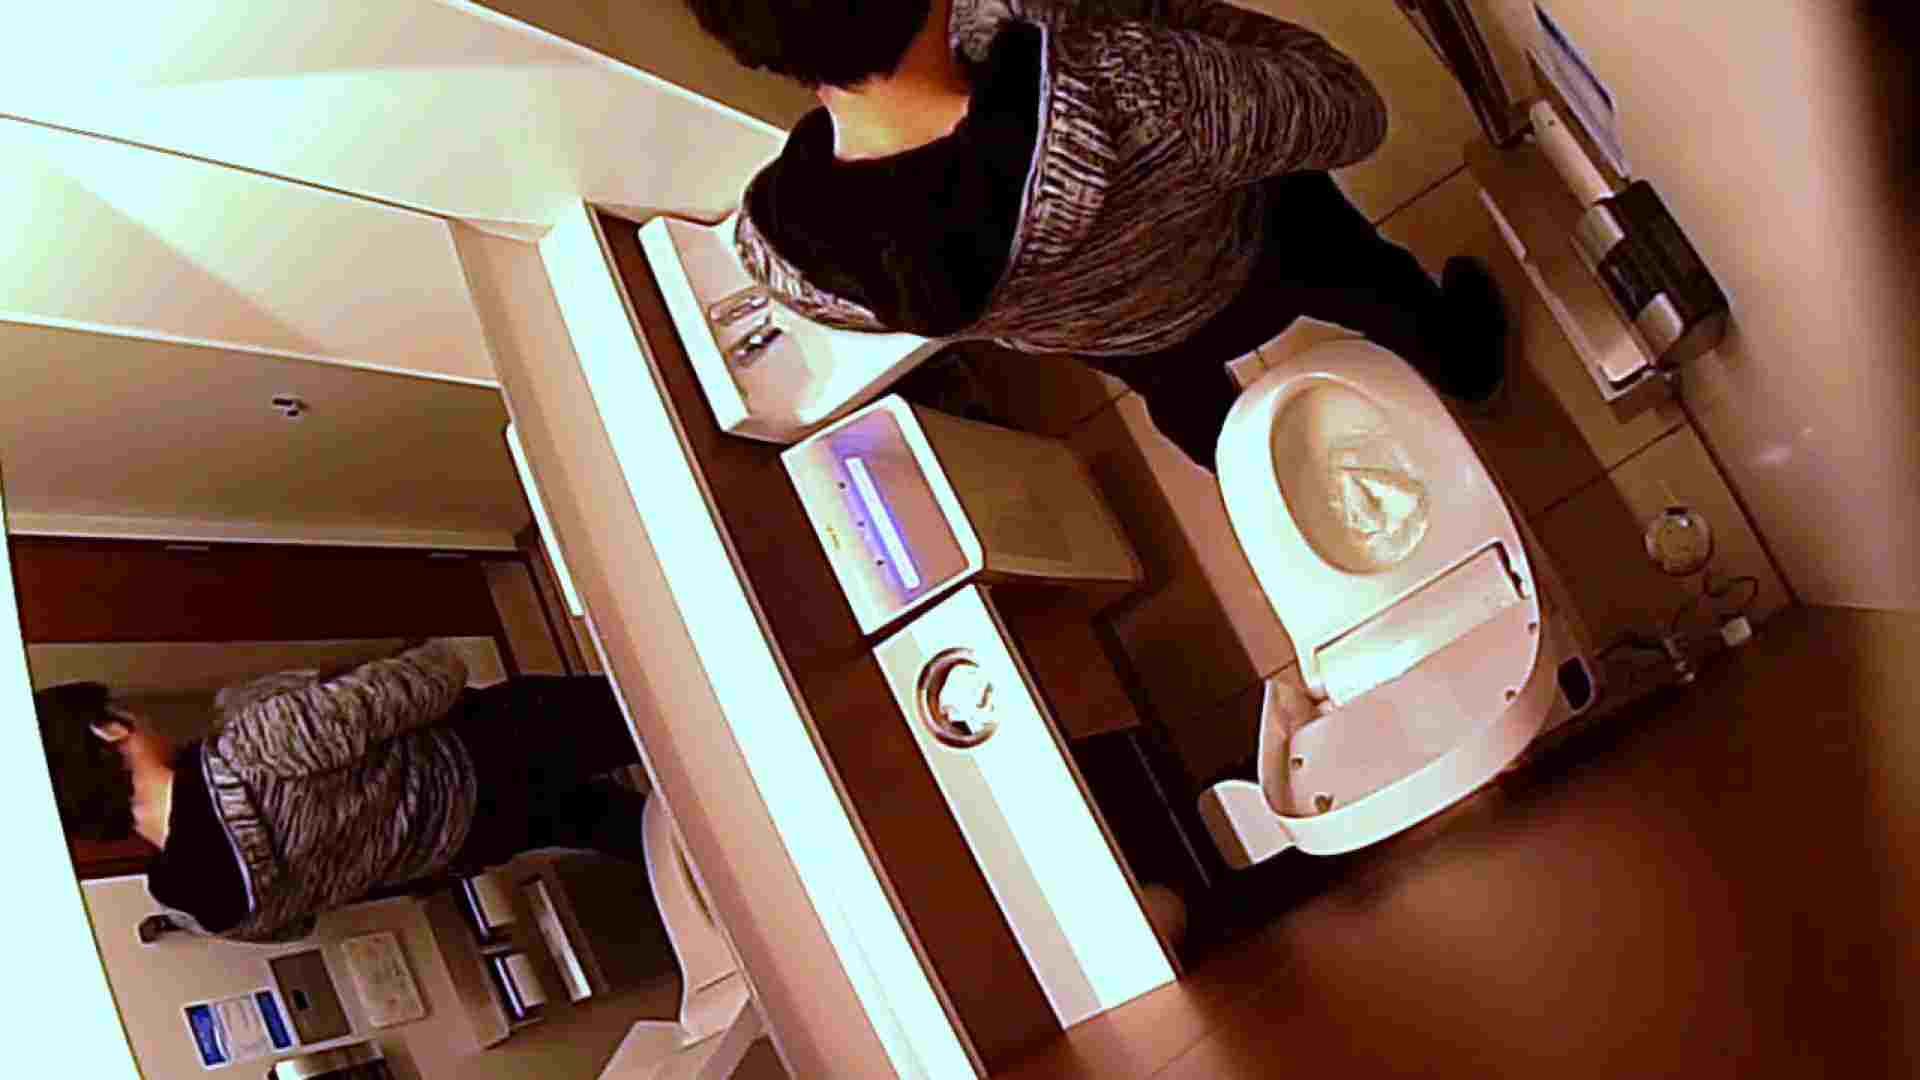 イケメンの素顔in洗面所 Vol.03 丸見え動画 | ボーイズうんこ  107pic 52